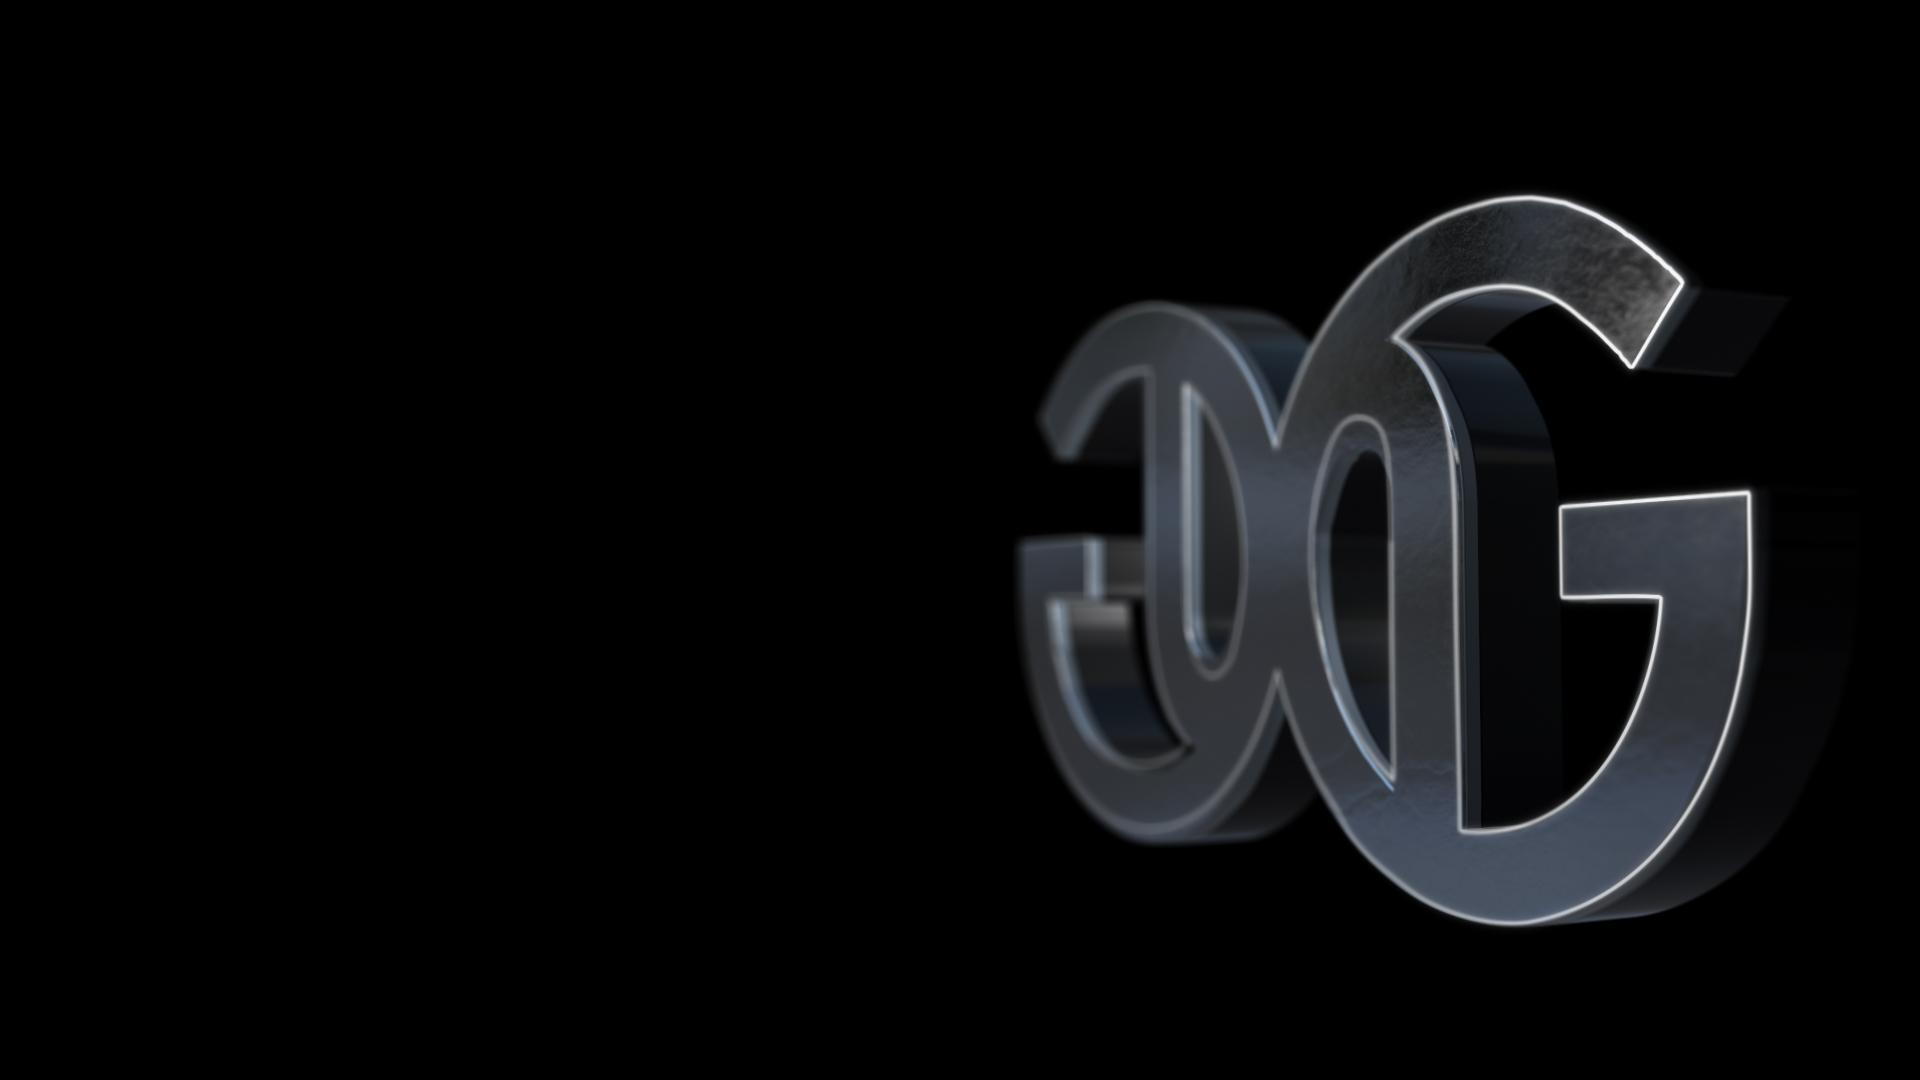 about-us-logo-still-hover.jpg (1920×1080)